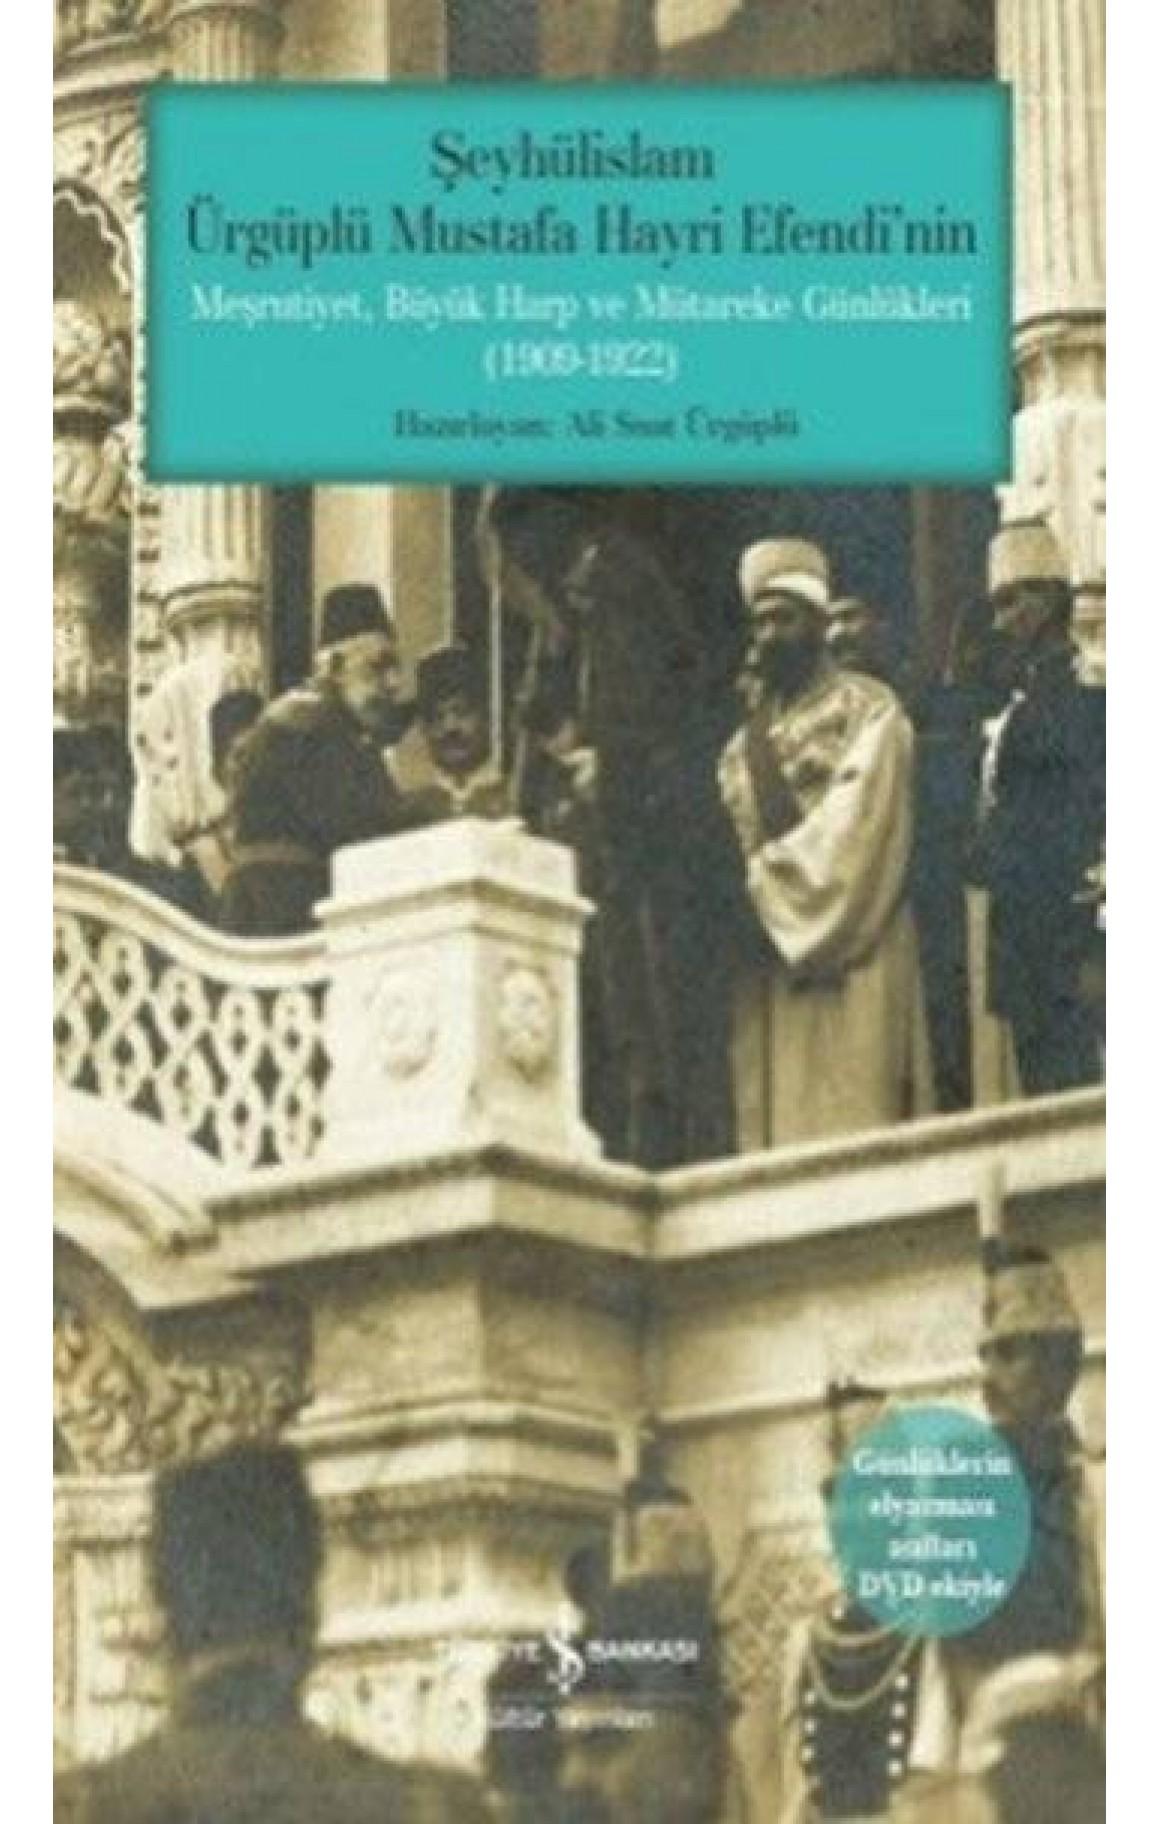 Şeyhülislam Ürgüplü Mustafa Hayri Efendi'nin Meşrutiyet, Büyük Harp ve Mütareke Günlükleri